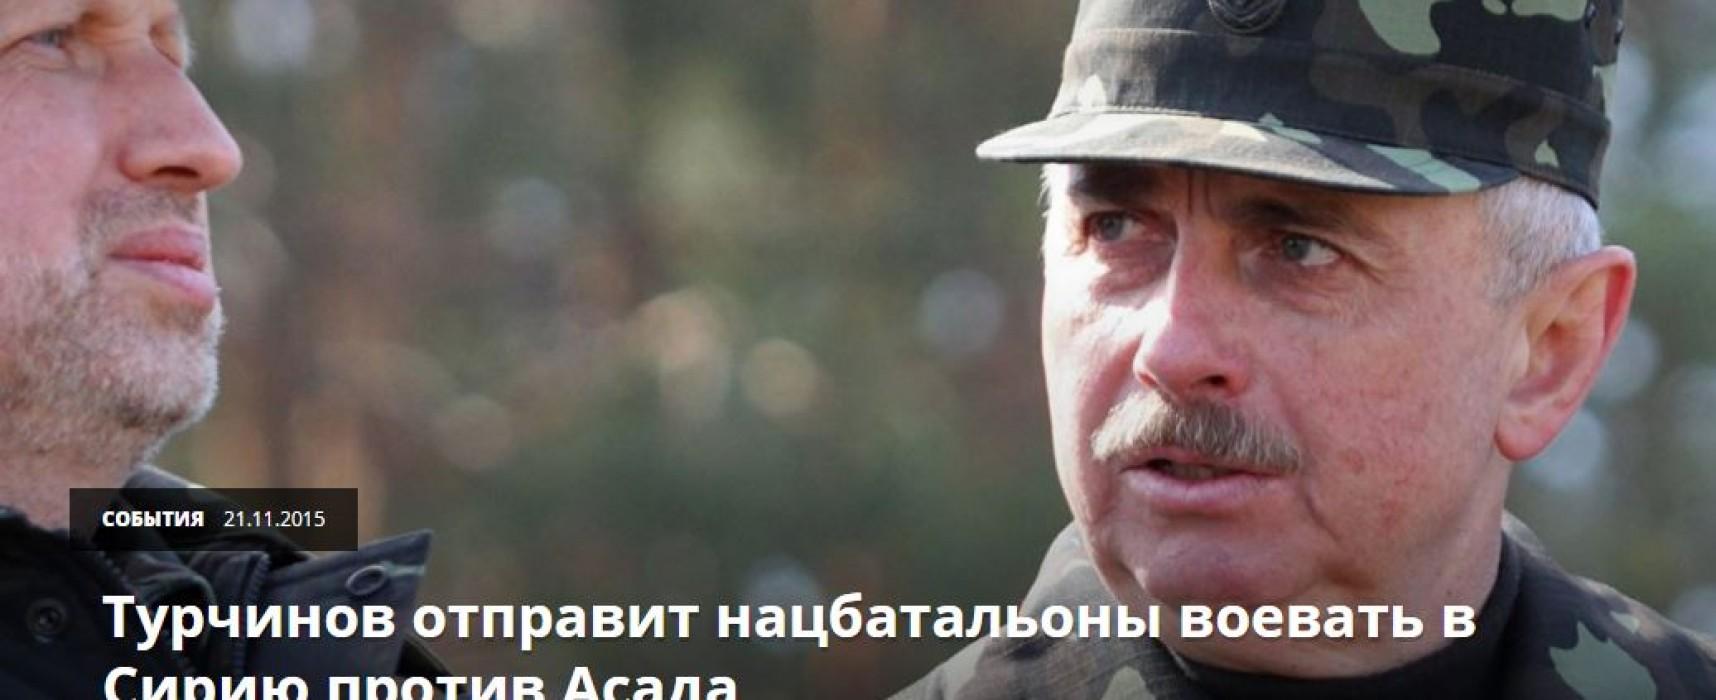 Falso: Ucrania envía batallones nacionales para combatir en Siria contra Assad